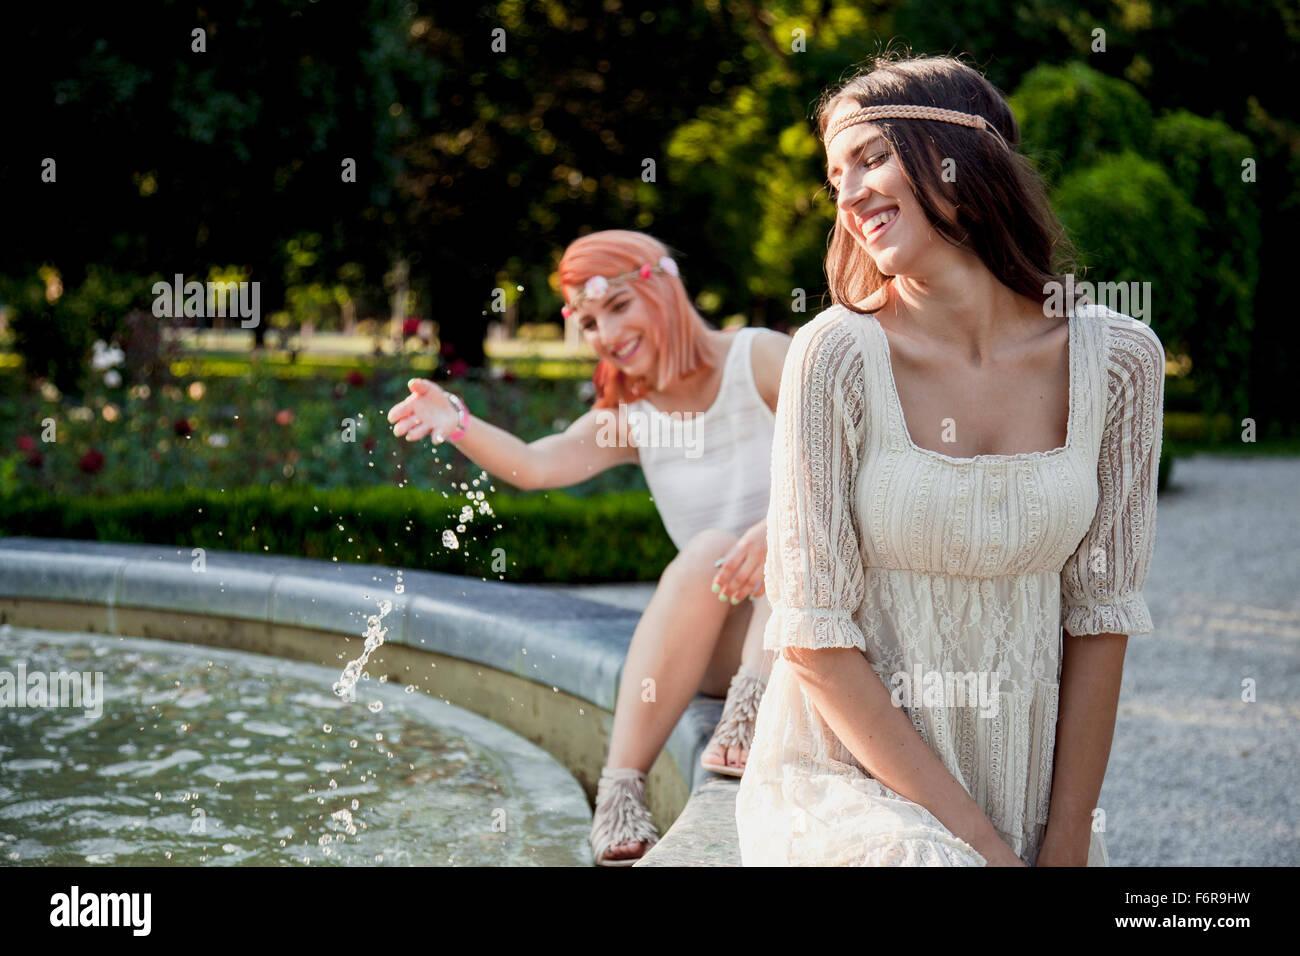 Las mujeres jóvenes en la moda estilo hippie las salpicaduras de agua. Imagen De Stock